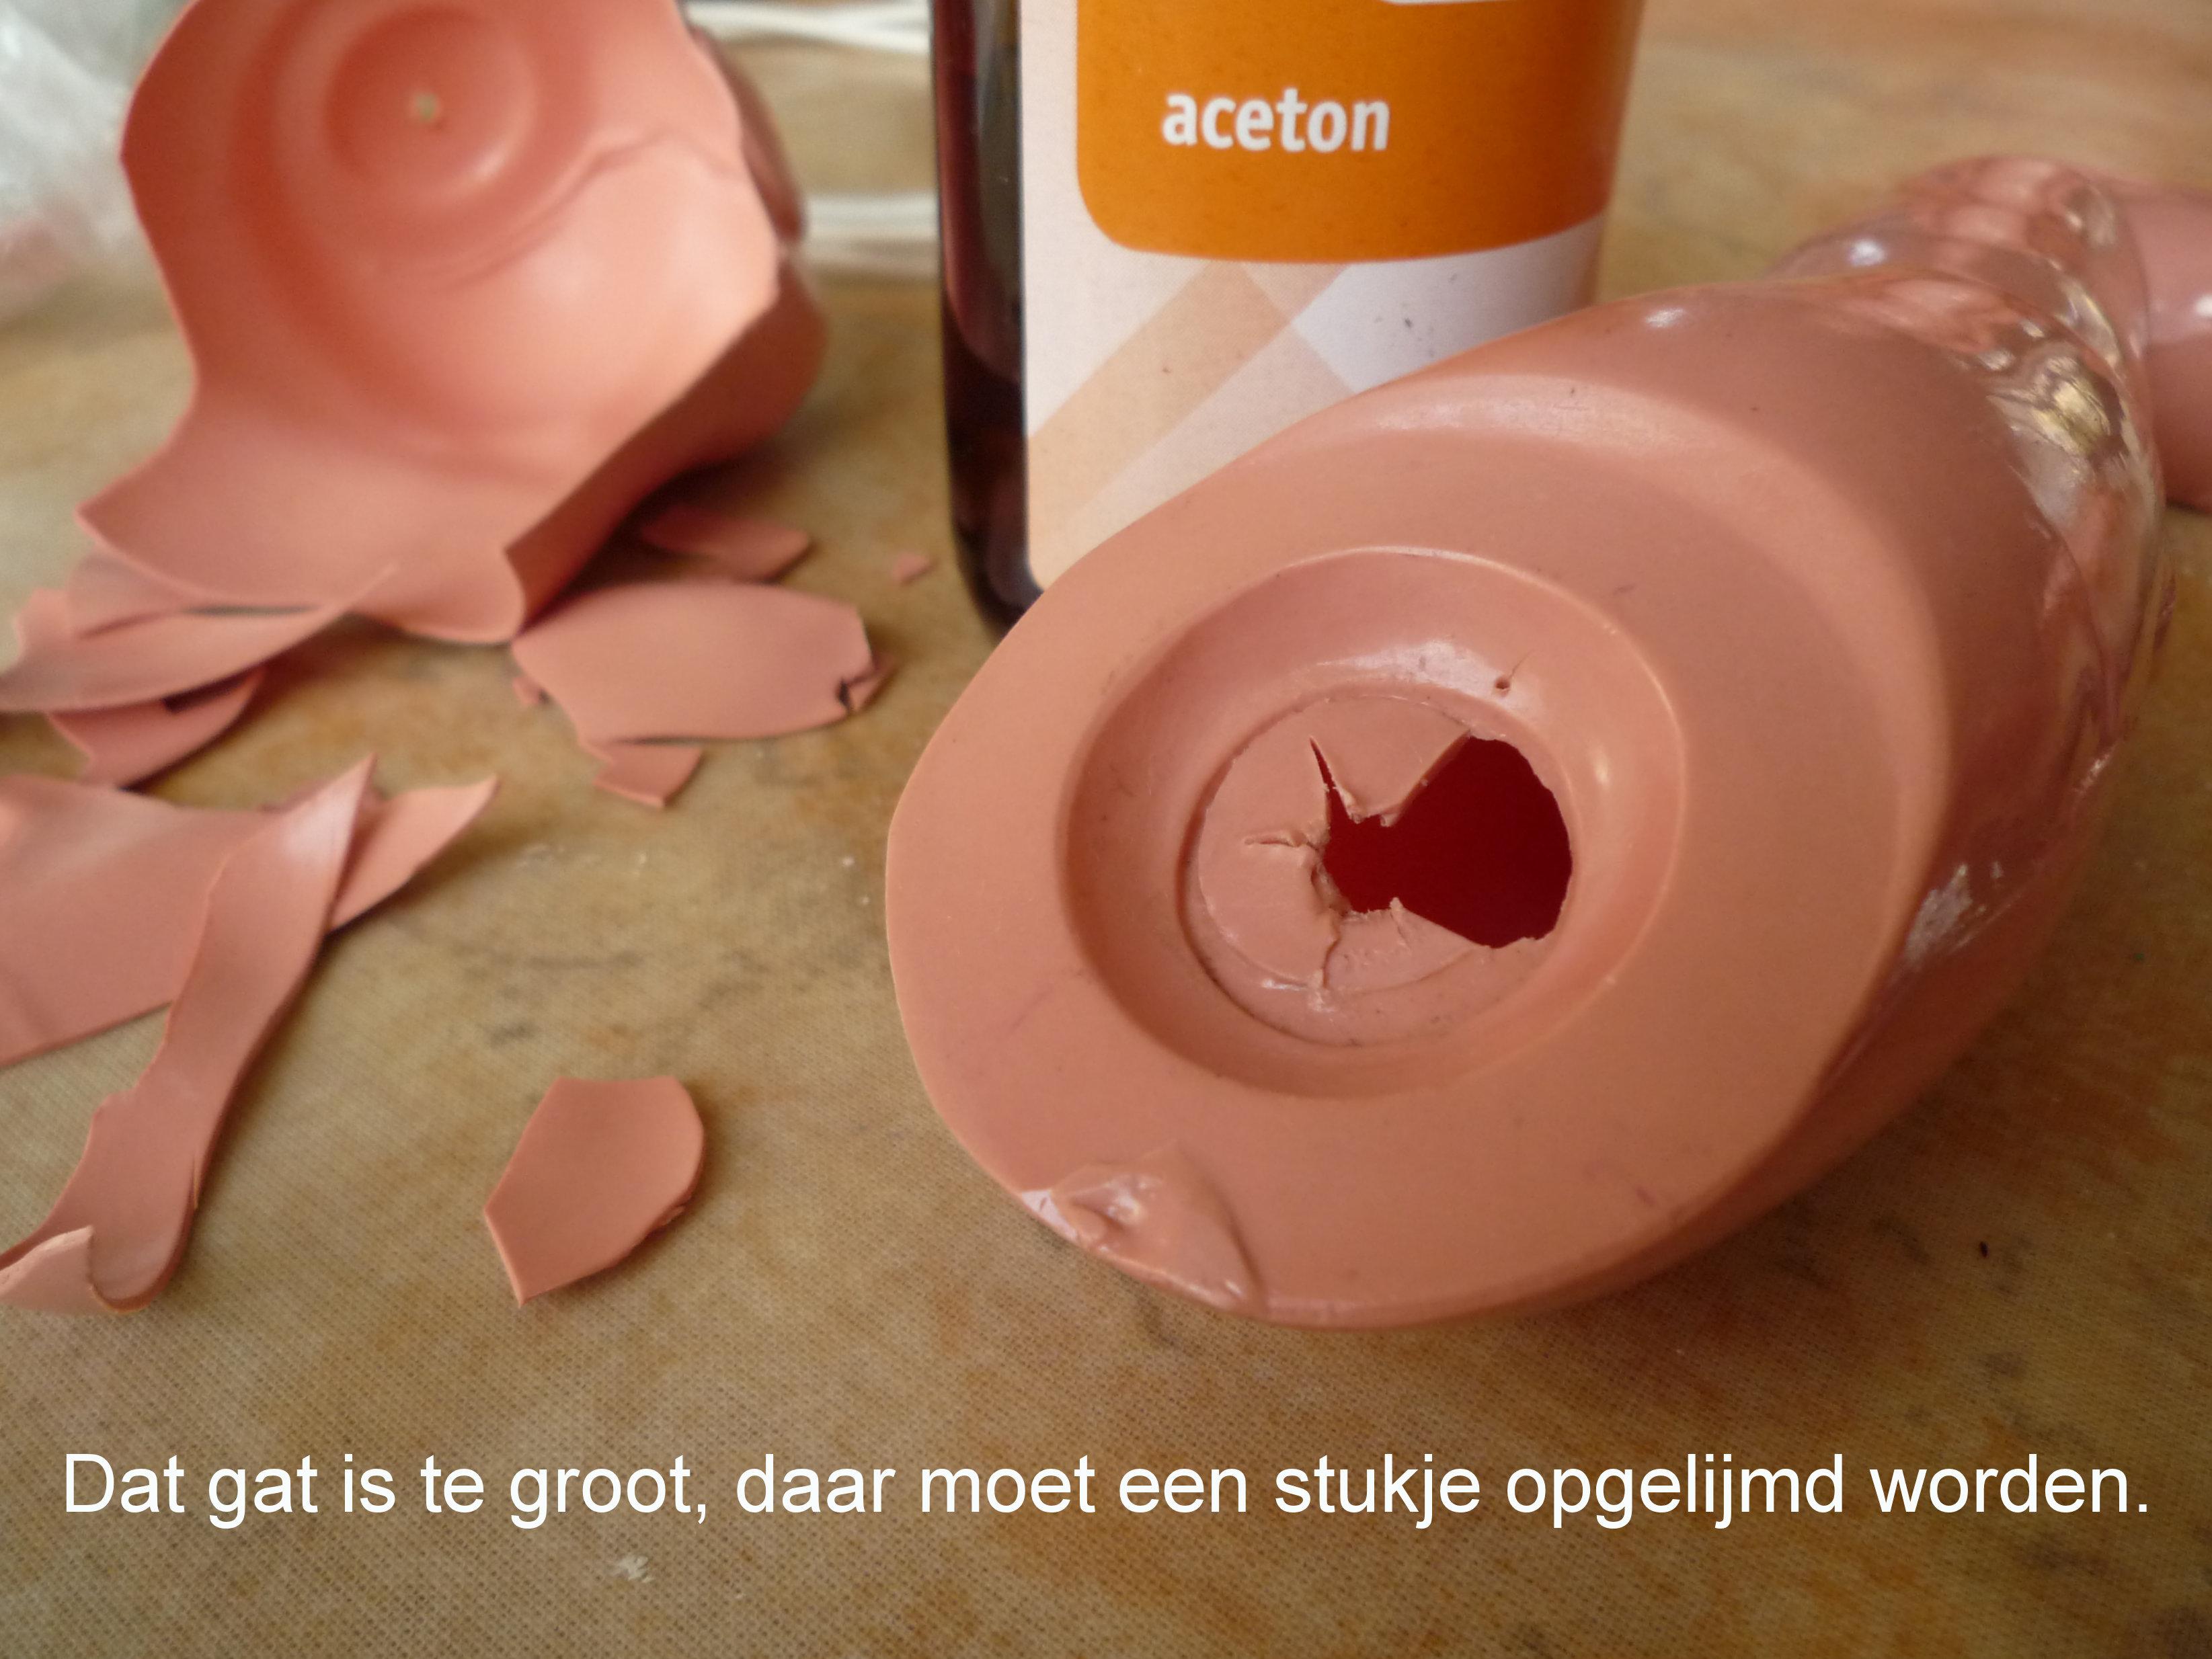 https://welkepopisdat.nl/afbeeldingen-Forum/DurvinaFotos/Bob%20en%20Bas%20(13).JPG